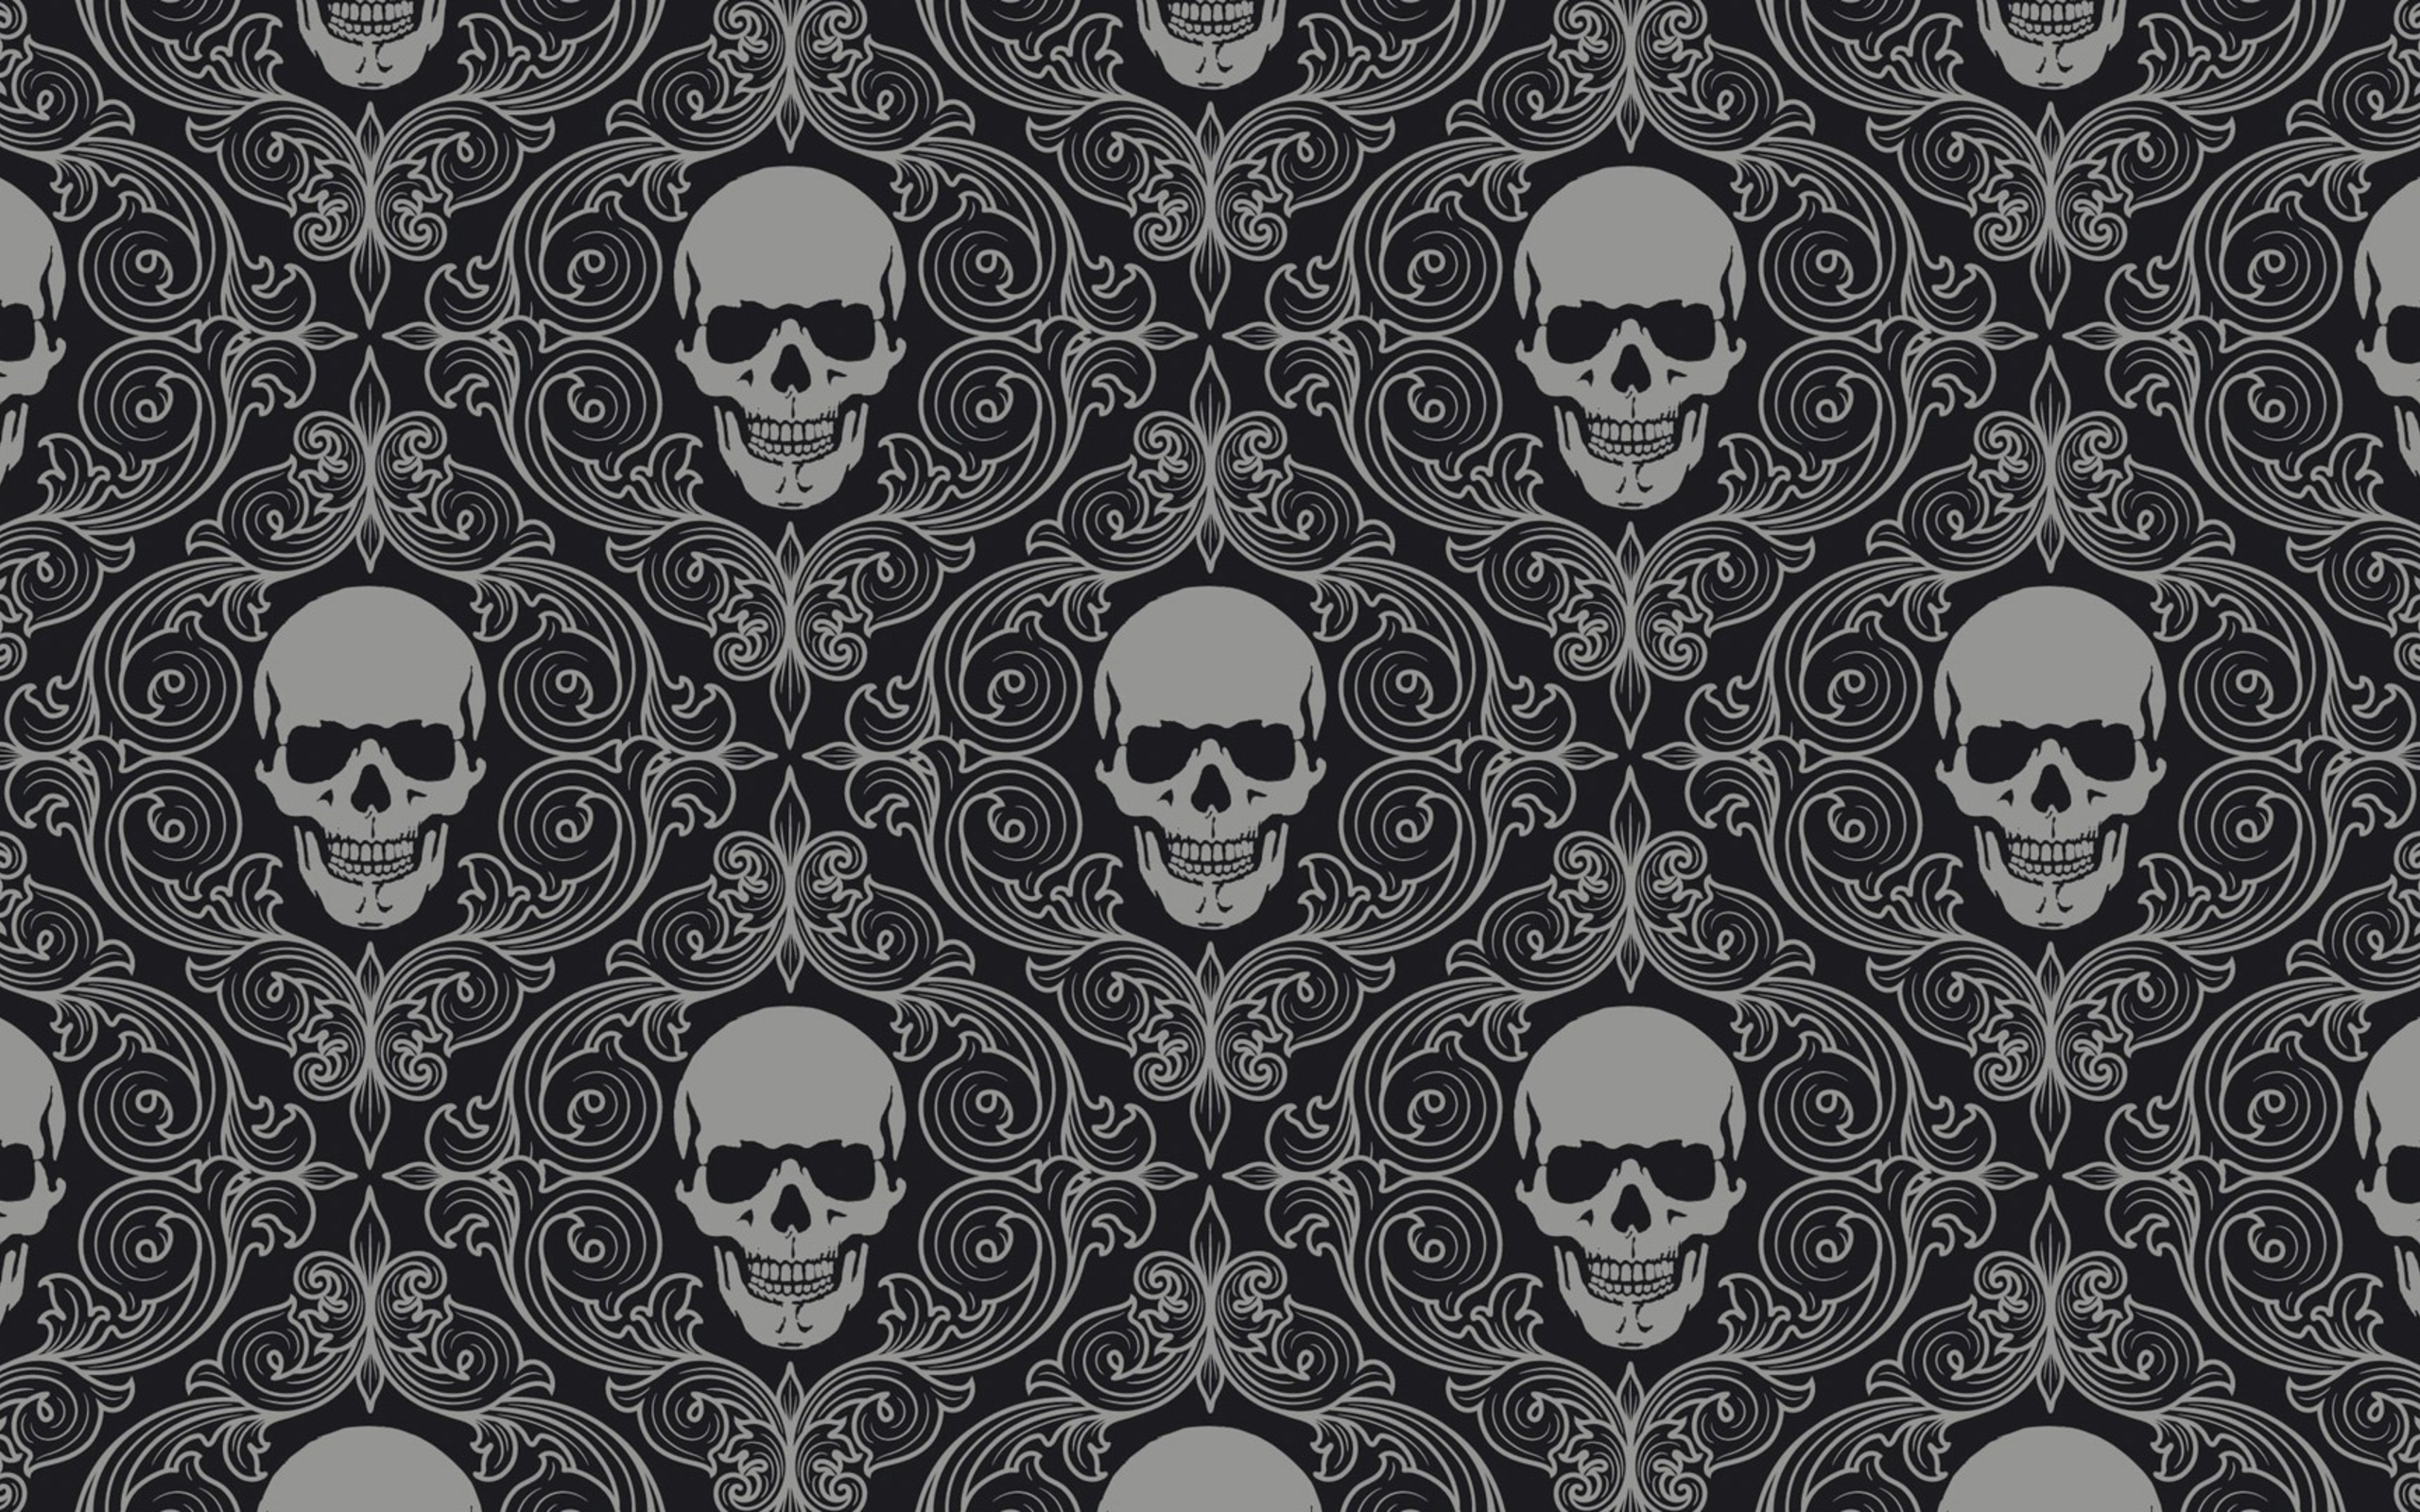 skull-tiles-background-img.jpg